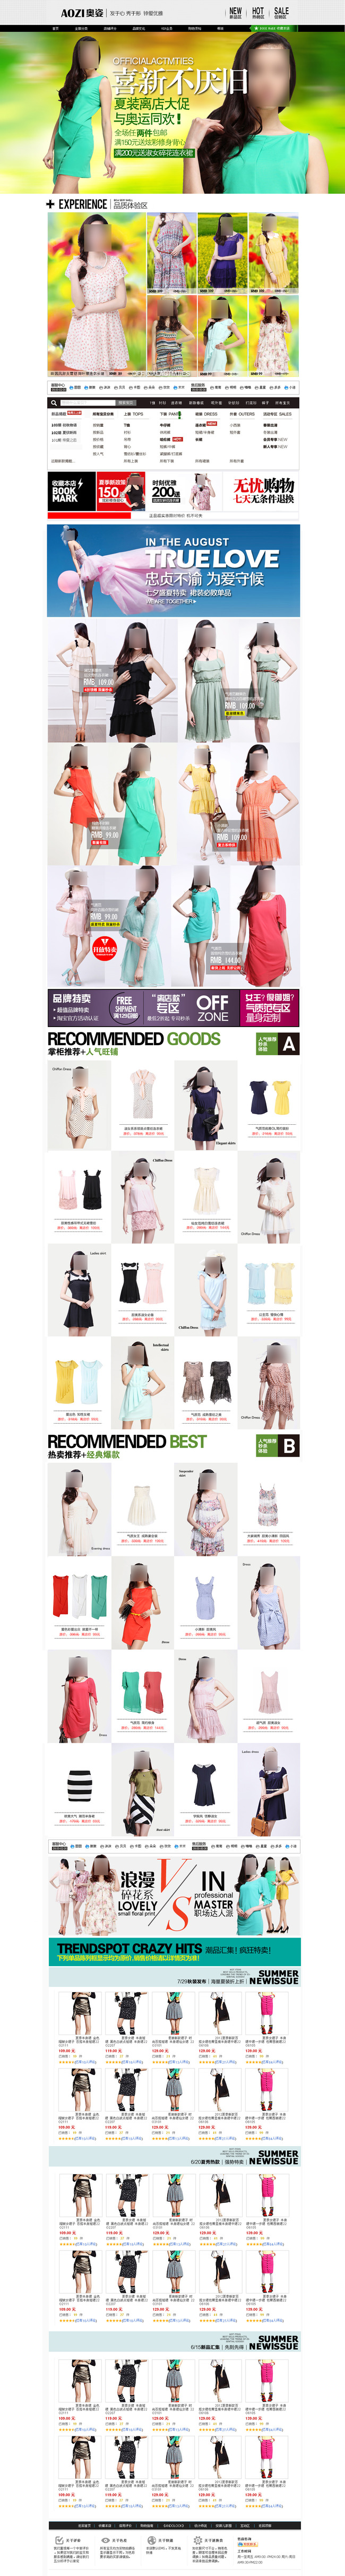 淘宝模版促销女装模版 文件尺寸(宽高):1300 * 9707 像素   体积大小